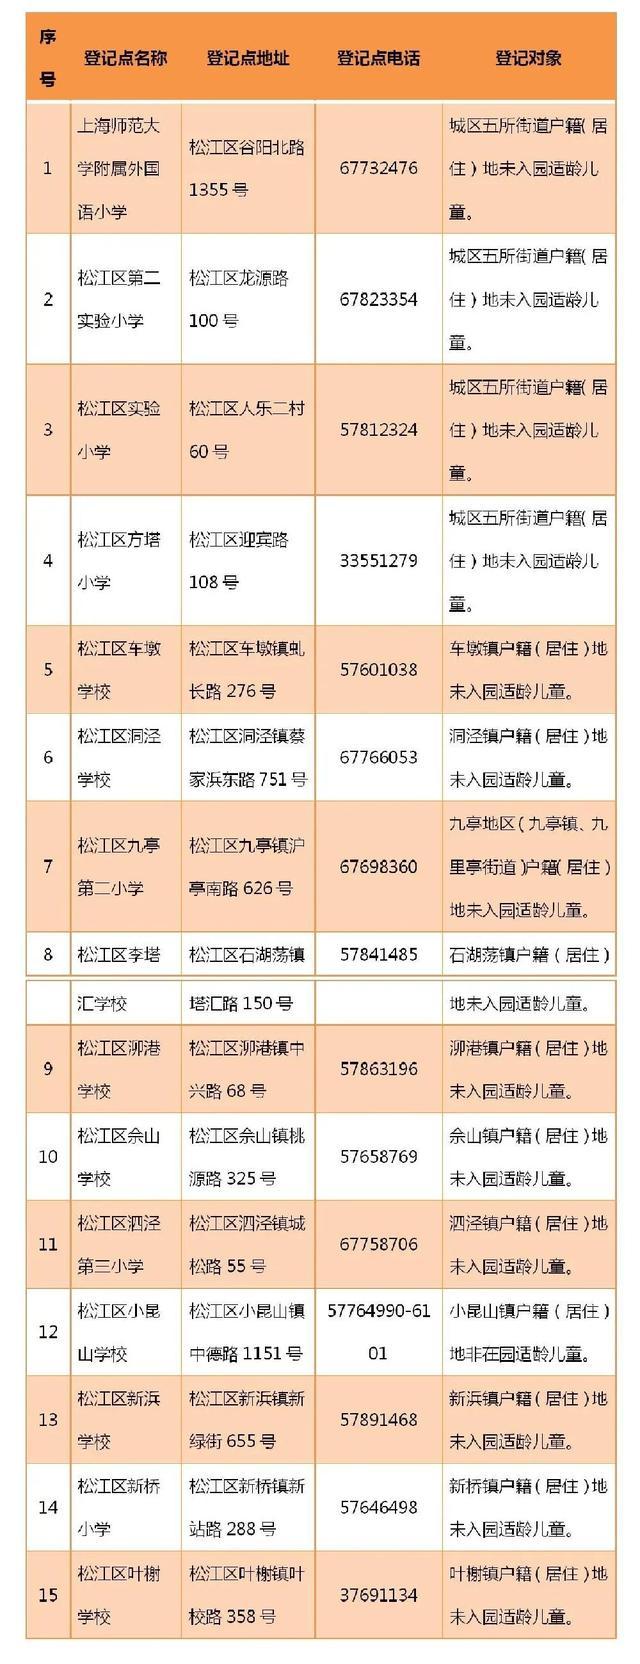 松江教育考试,2021年松江区受理非本市学籍五年级、幼儿园毕业的适龄儿童信息登记指定点一览表